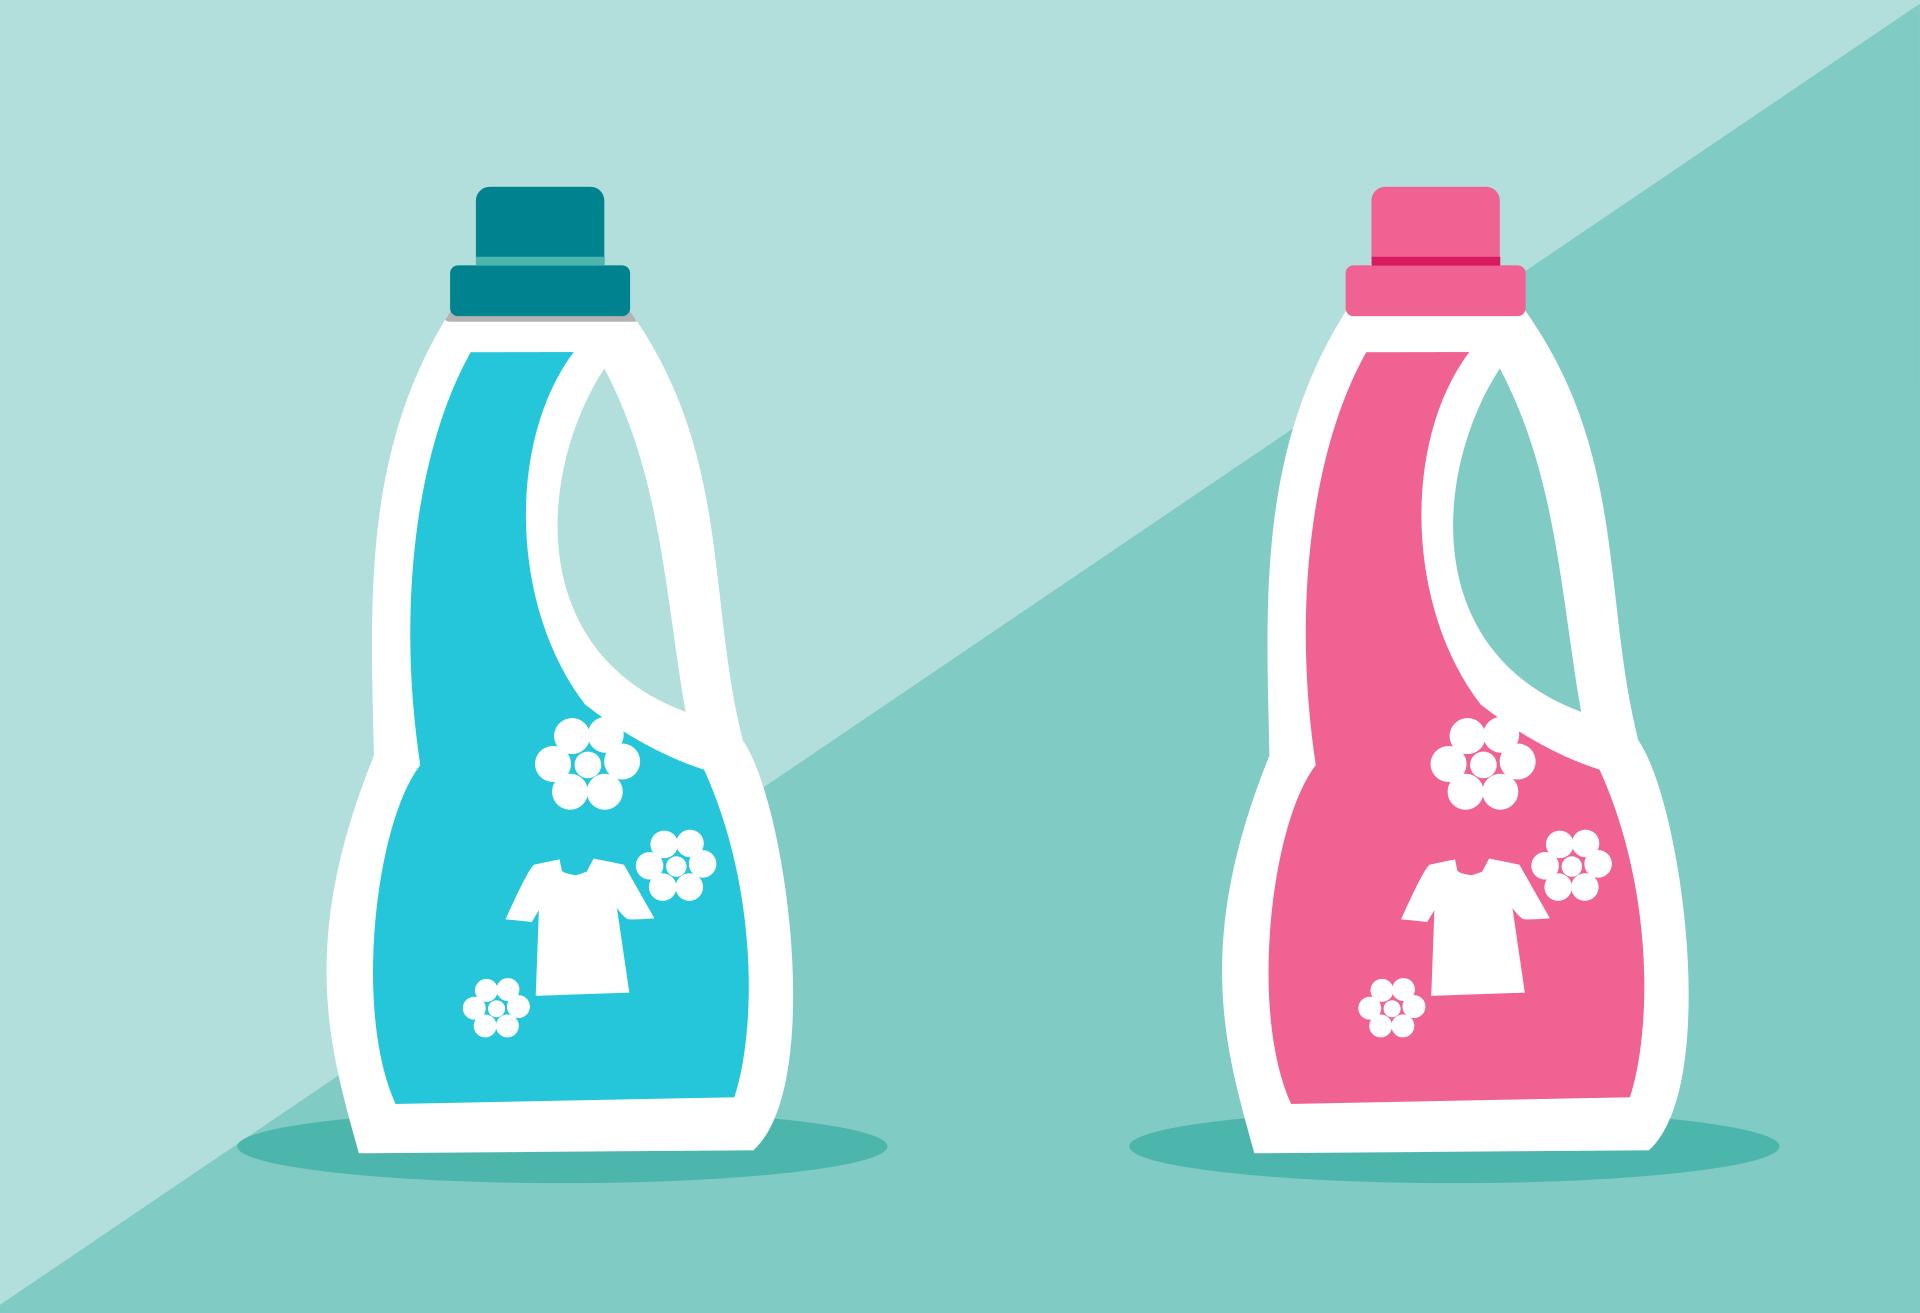 استخدام مسحوق الغسيل في تنظيف الفضة